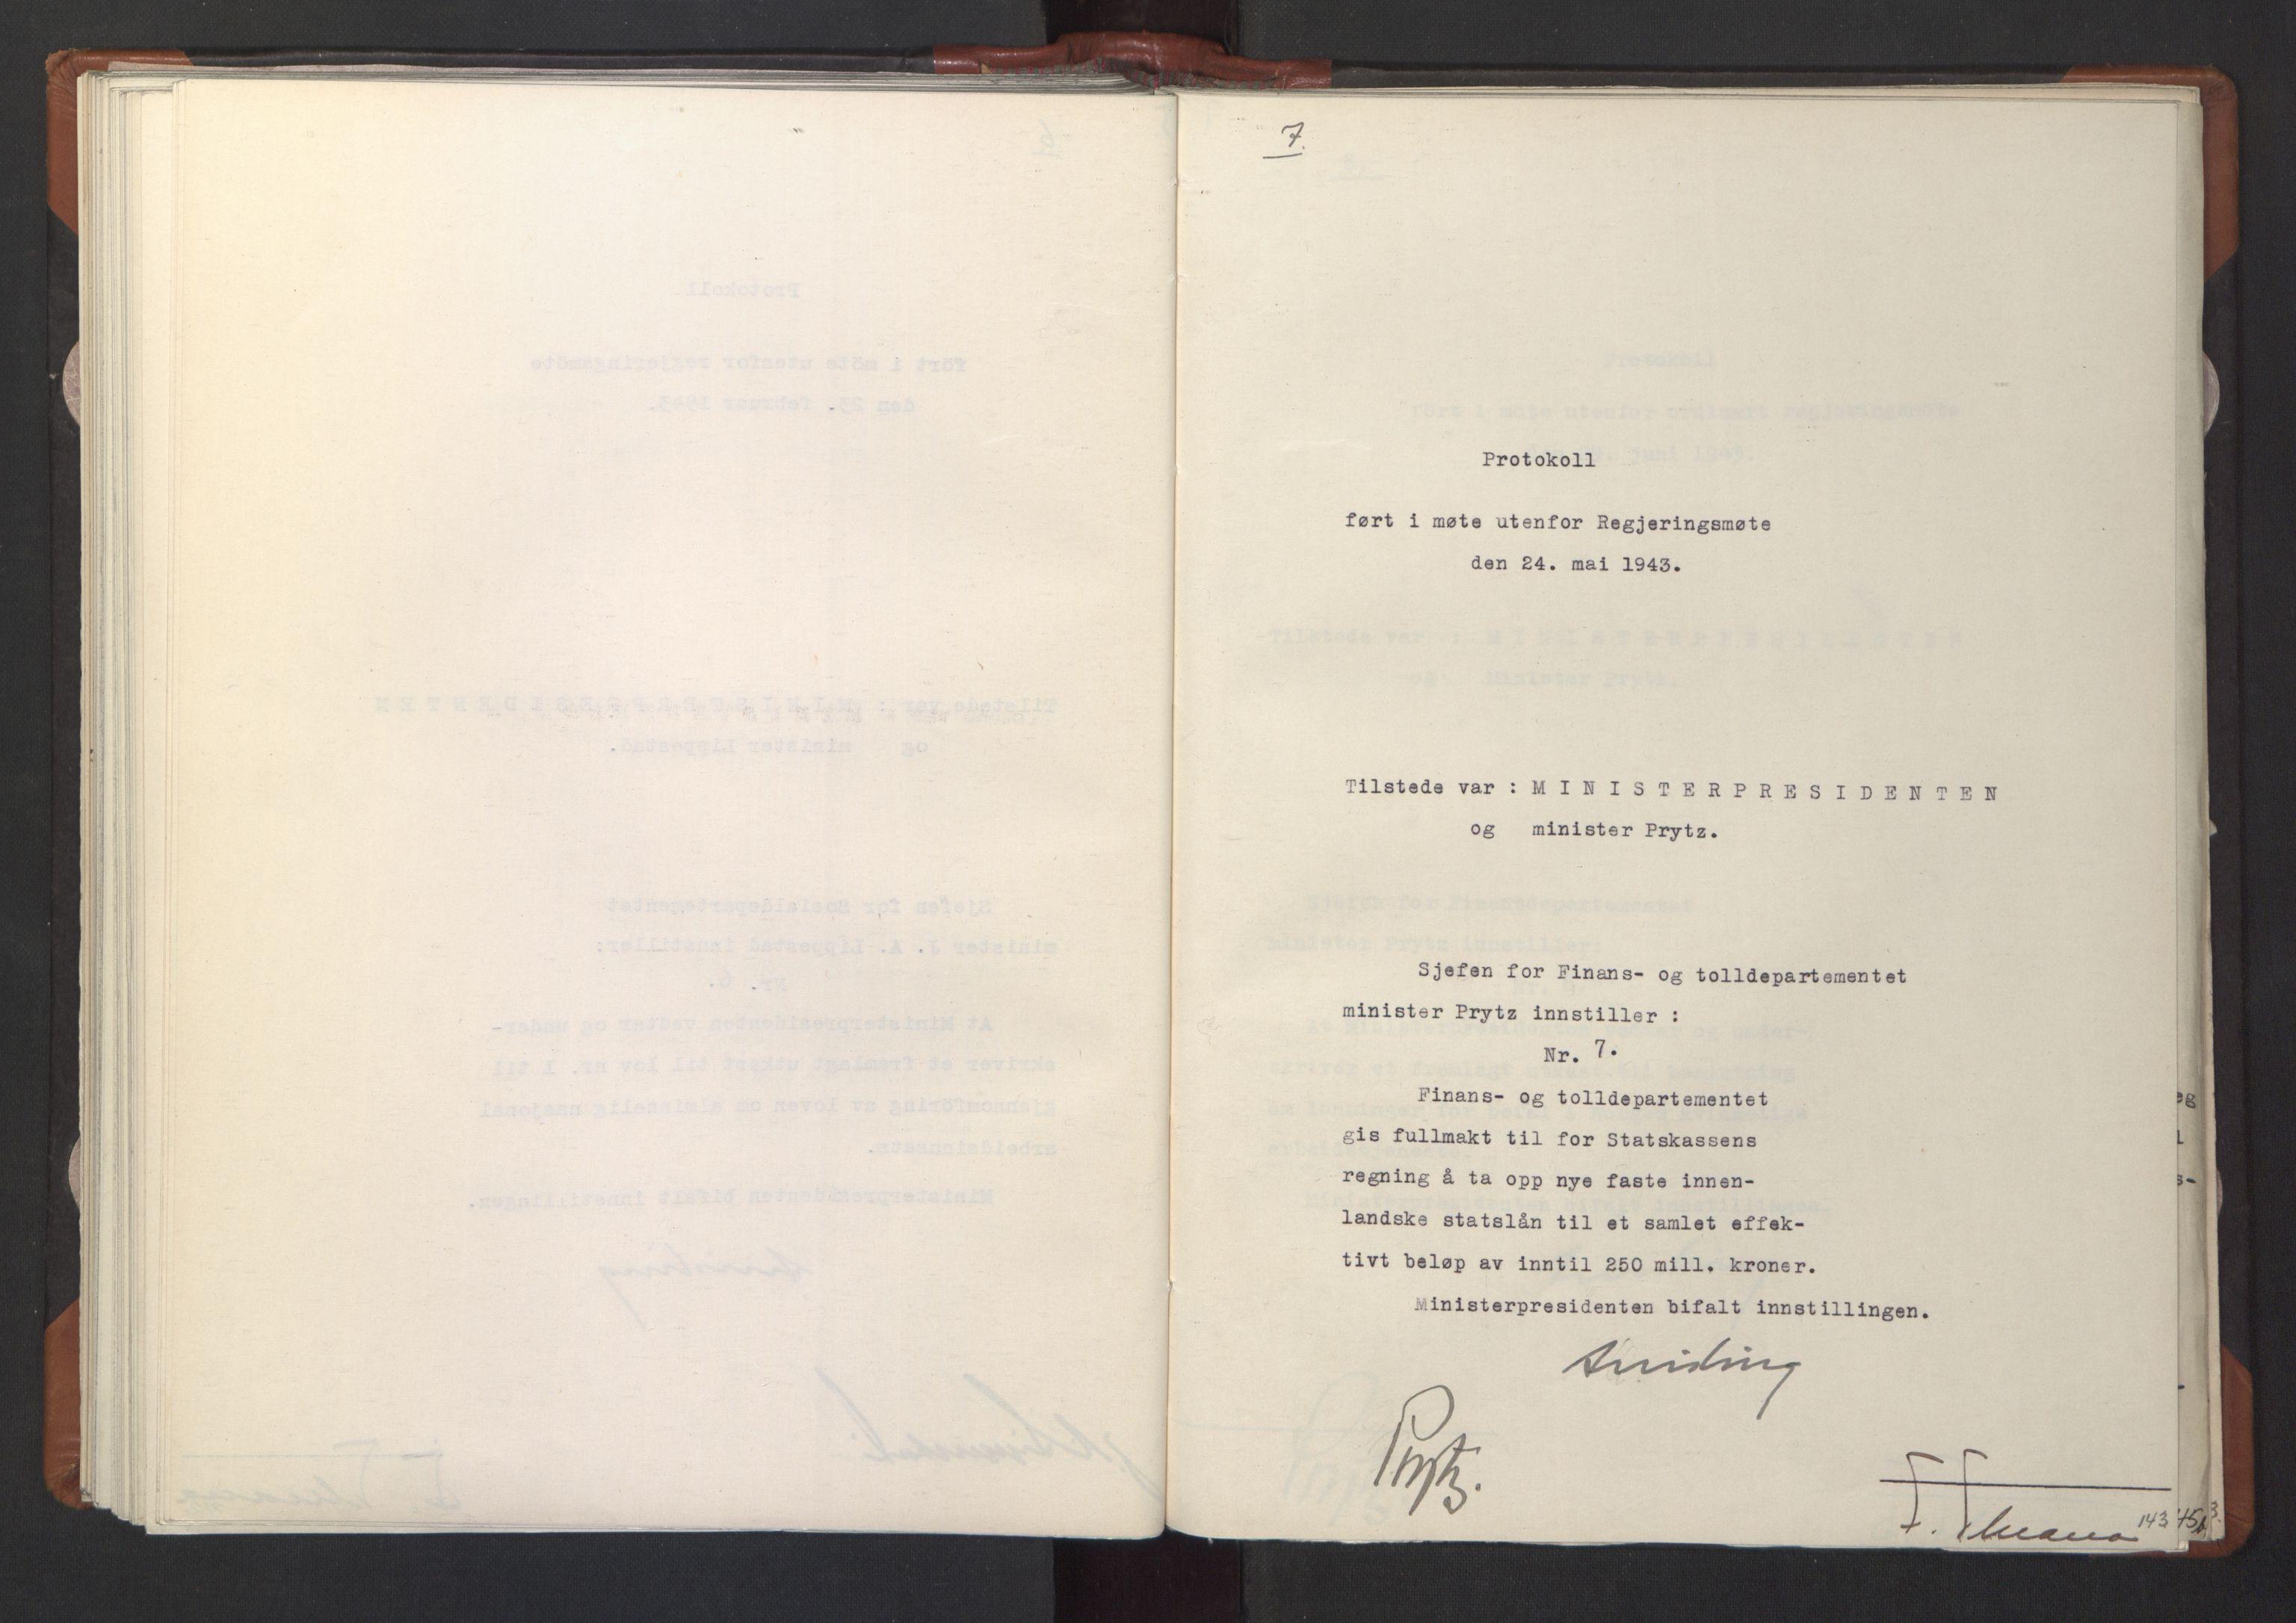 RA, NS-administrasjonen 1940-1945 (Statsrådsekretariatet, de kommisariske statsråder mm), D/Da/L0003: Vedtak (Beslutninger) nr. 1-746 og tillegg nr. 1-47 (RA. j.nr. 1394/1944, tilgangsnr. 8/1944, 1943, s. 142b-143a